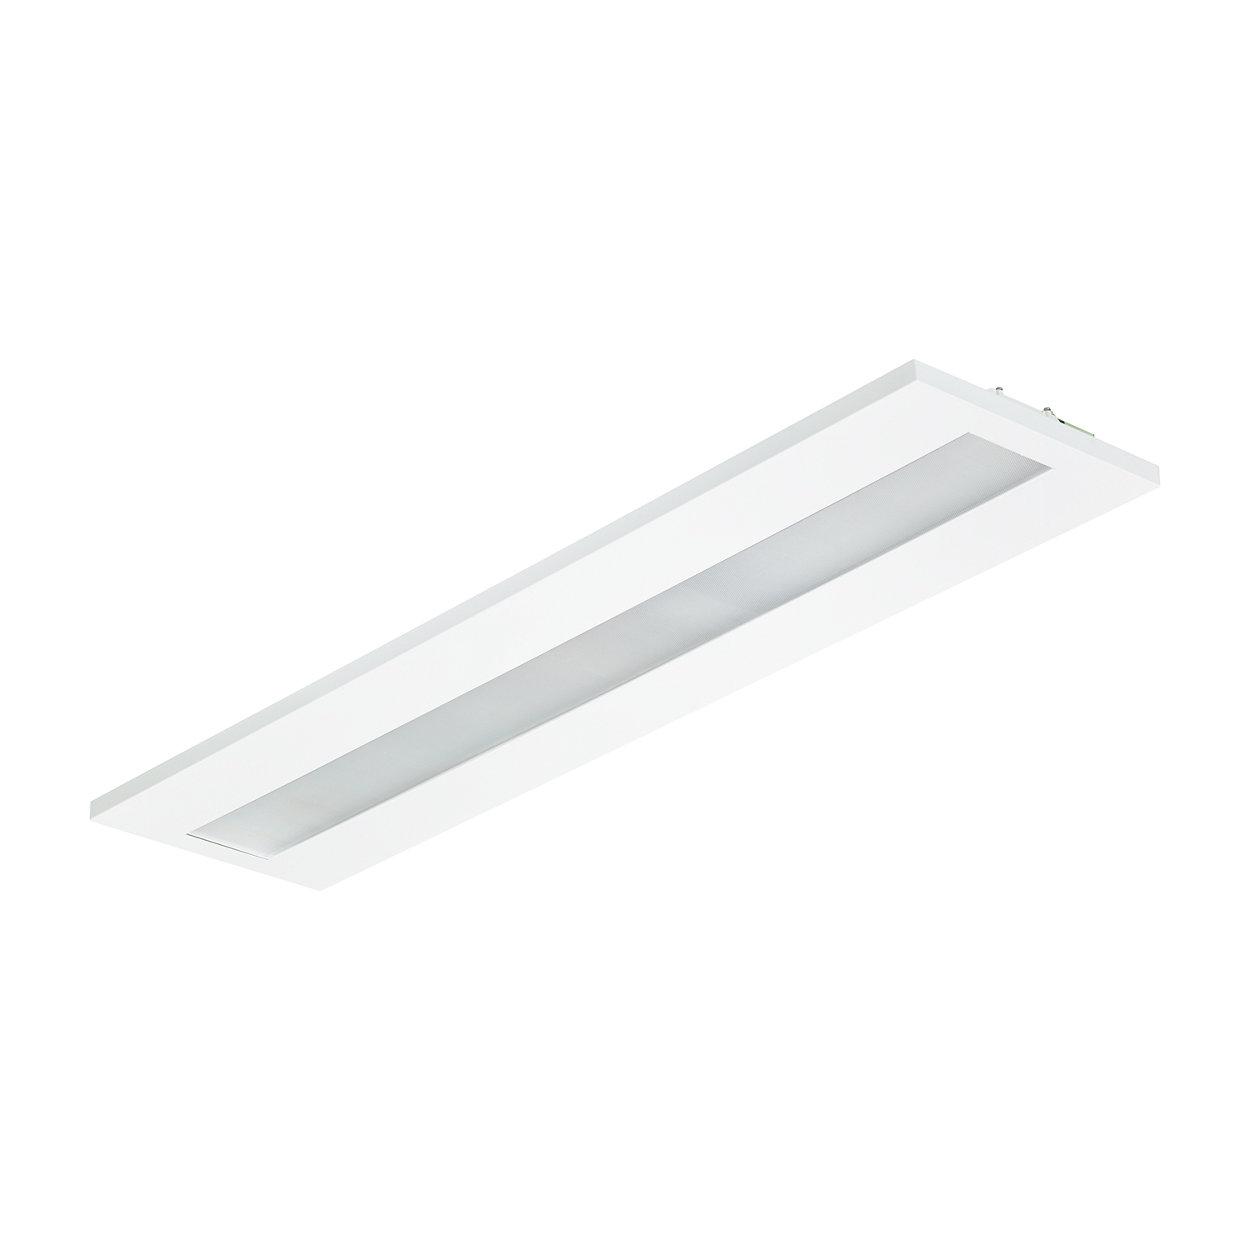 CoreLine Recessed - La scelta ideale per passare ai LED